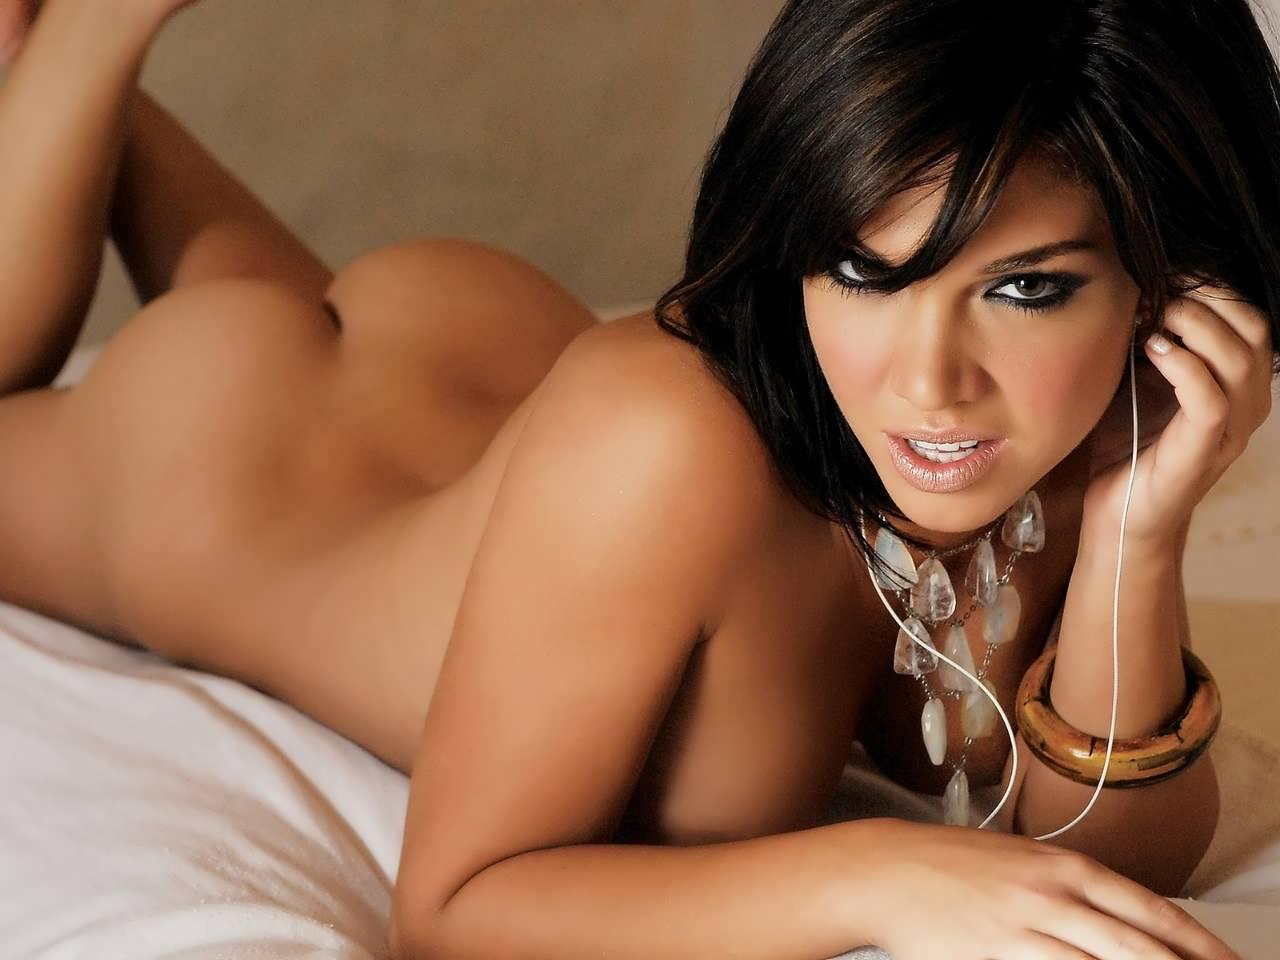 еротика самый красивый девушка